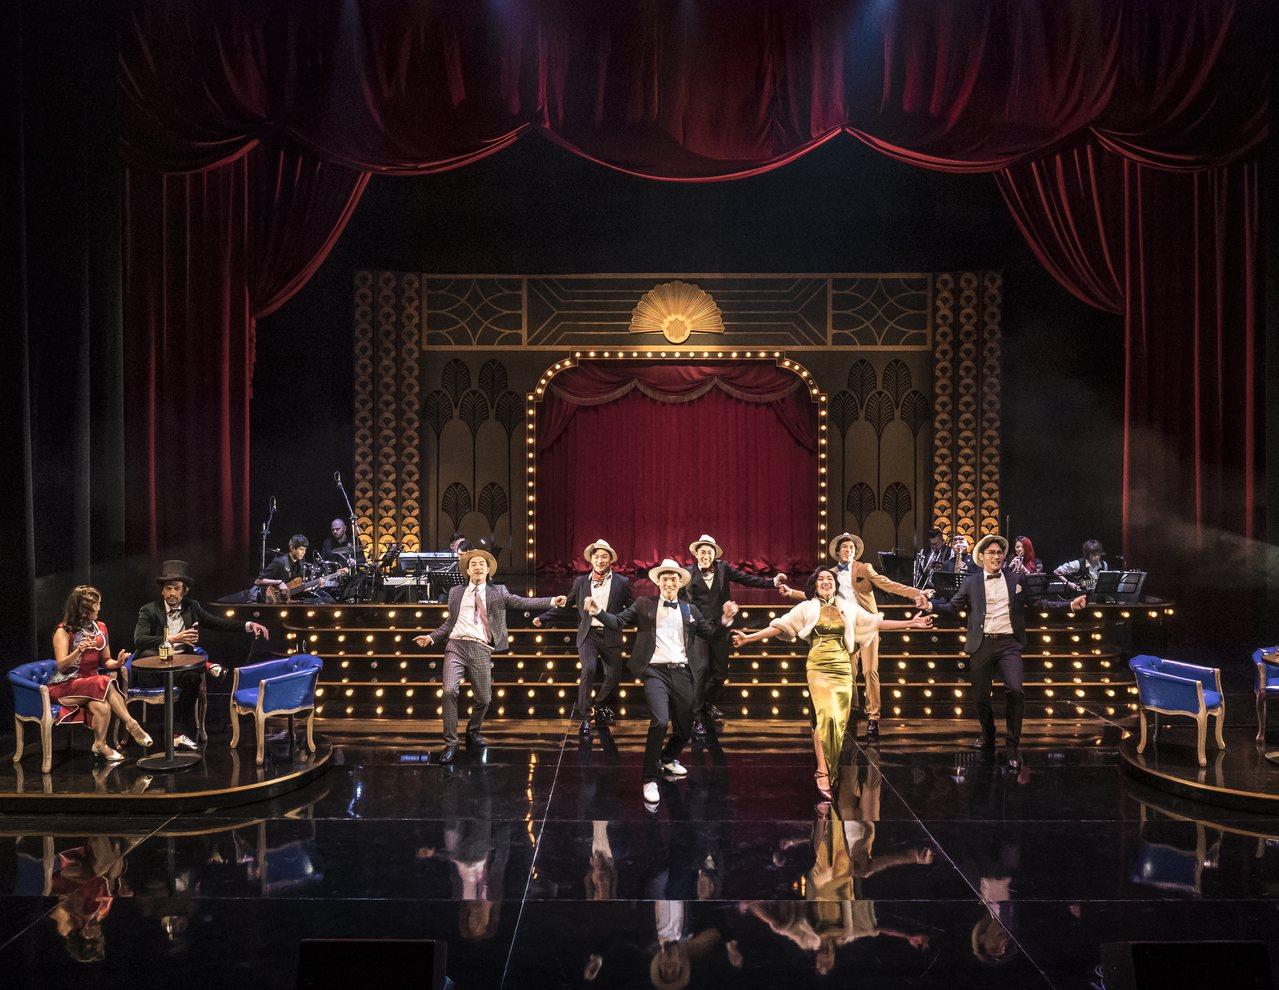 台南人劇團《第十二夜》。圖/台南人劇團提供